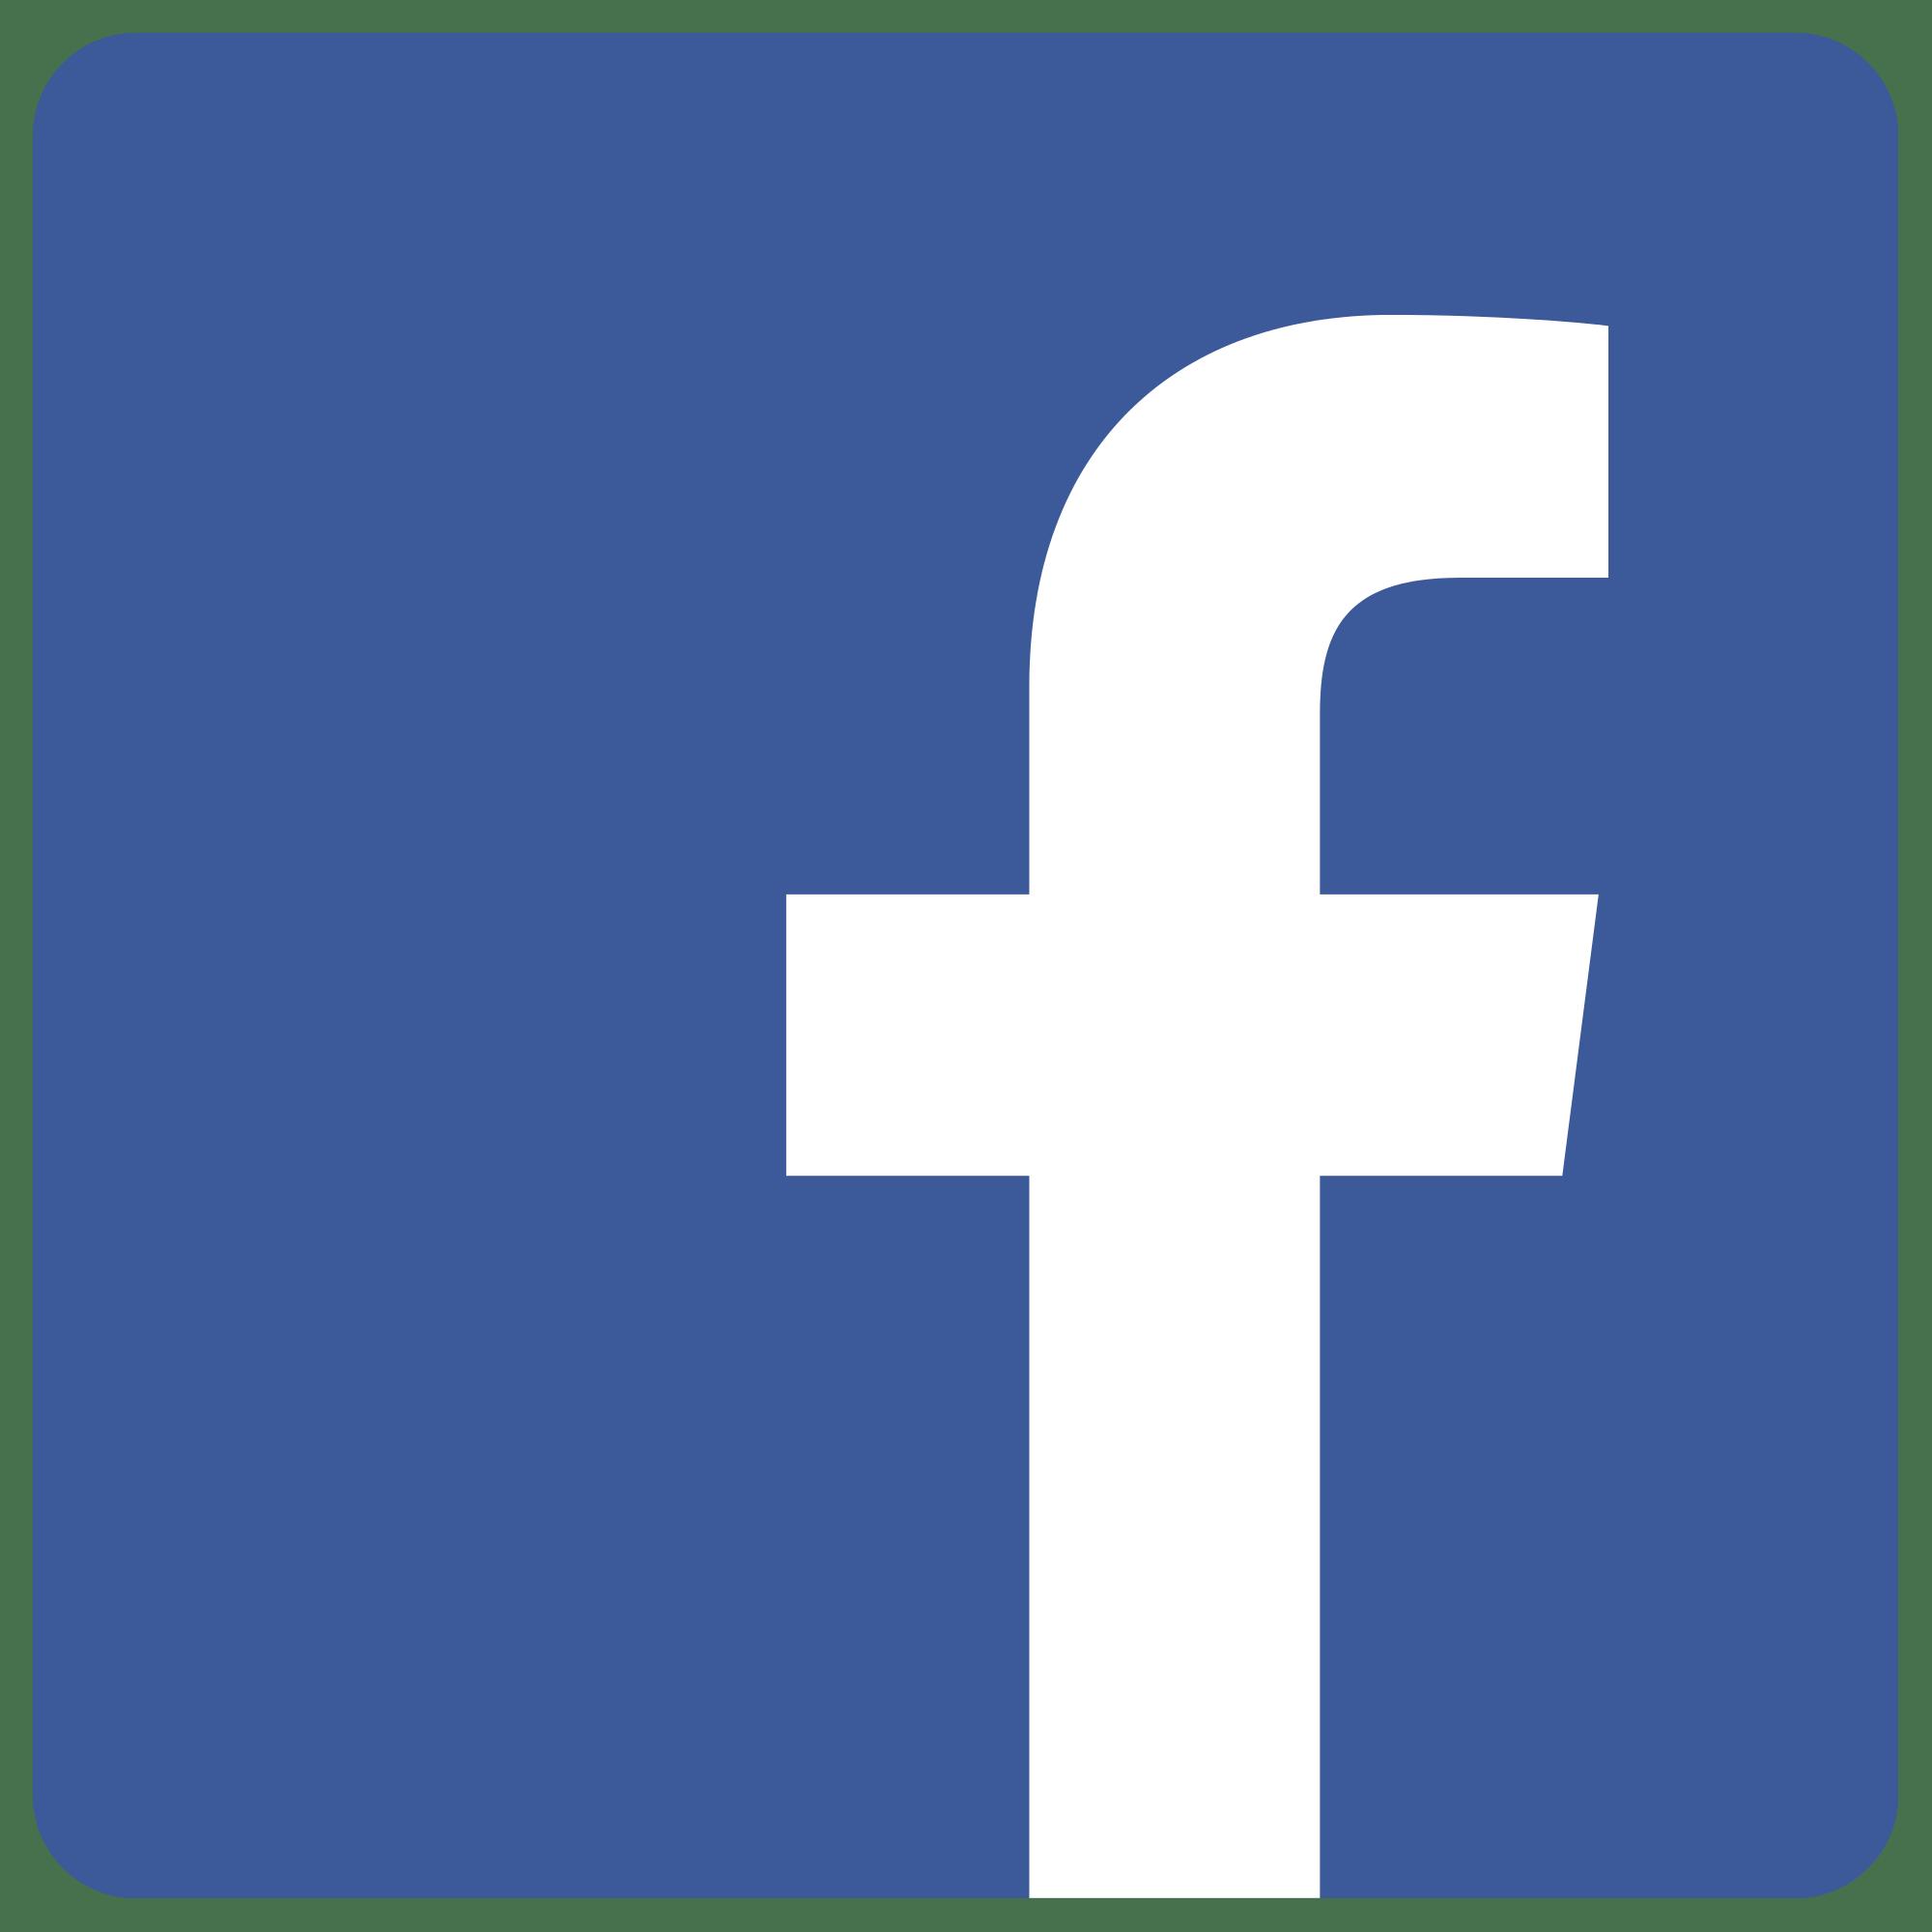 Dit is het Facebook-logo